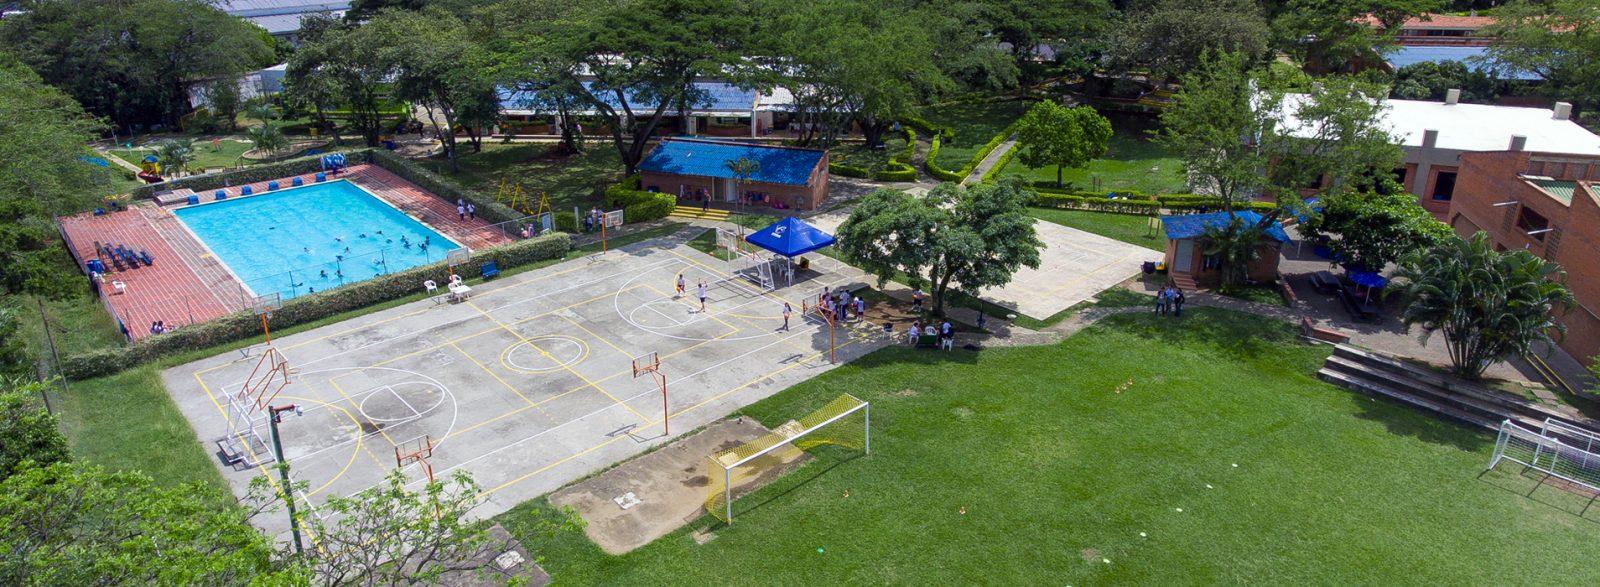 Img_pano_el_colegio